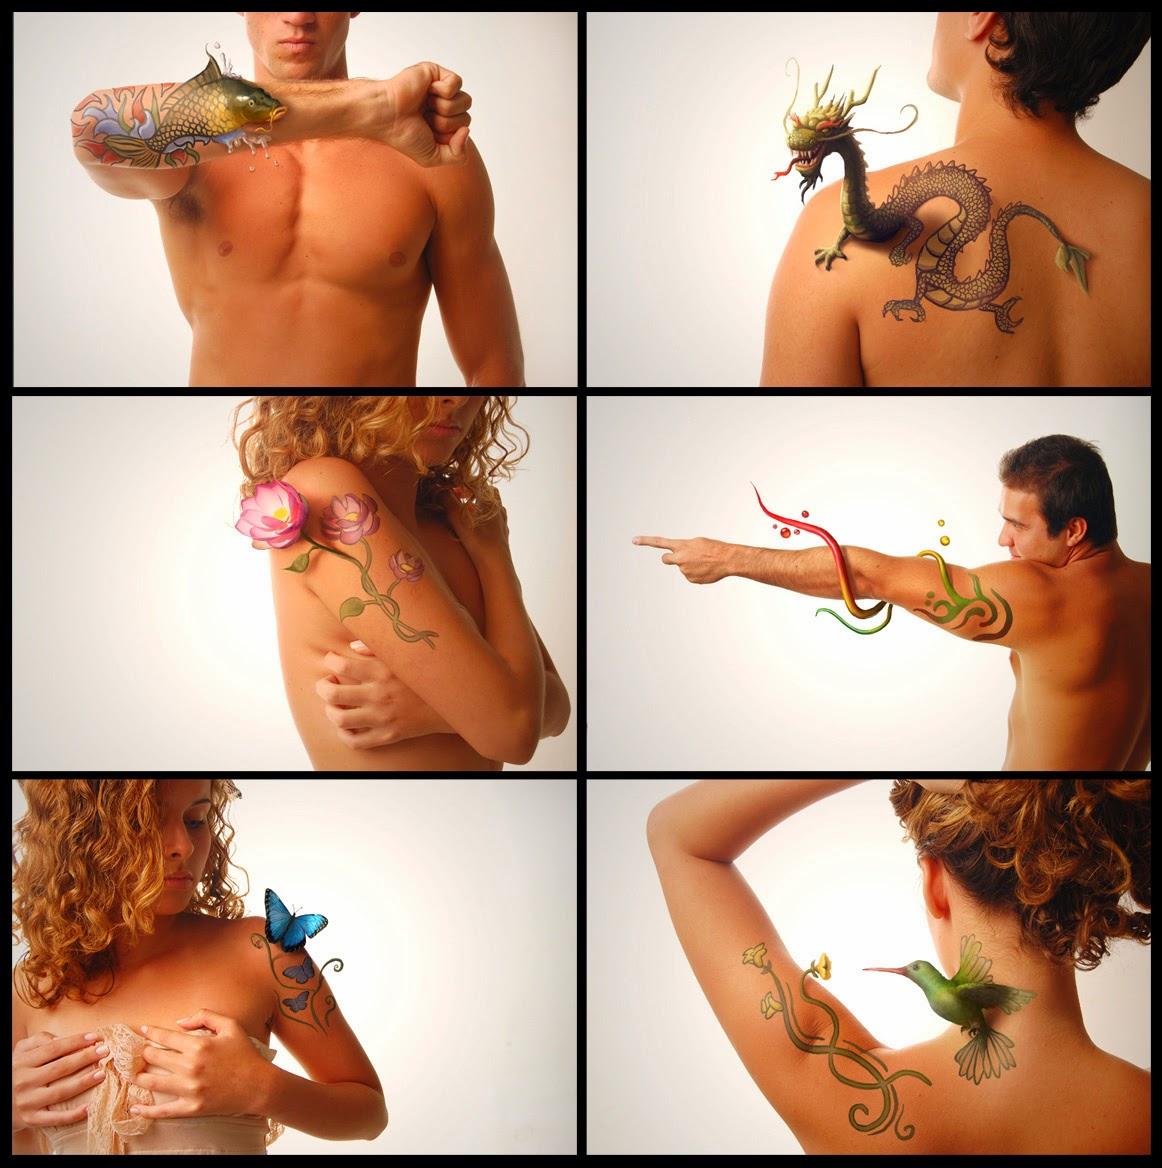 illustration de Tiago Hoisel représentant des tatouage prenant vie